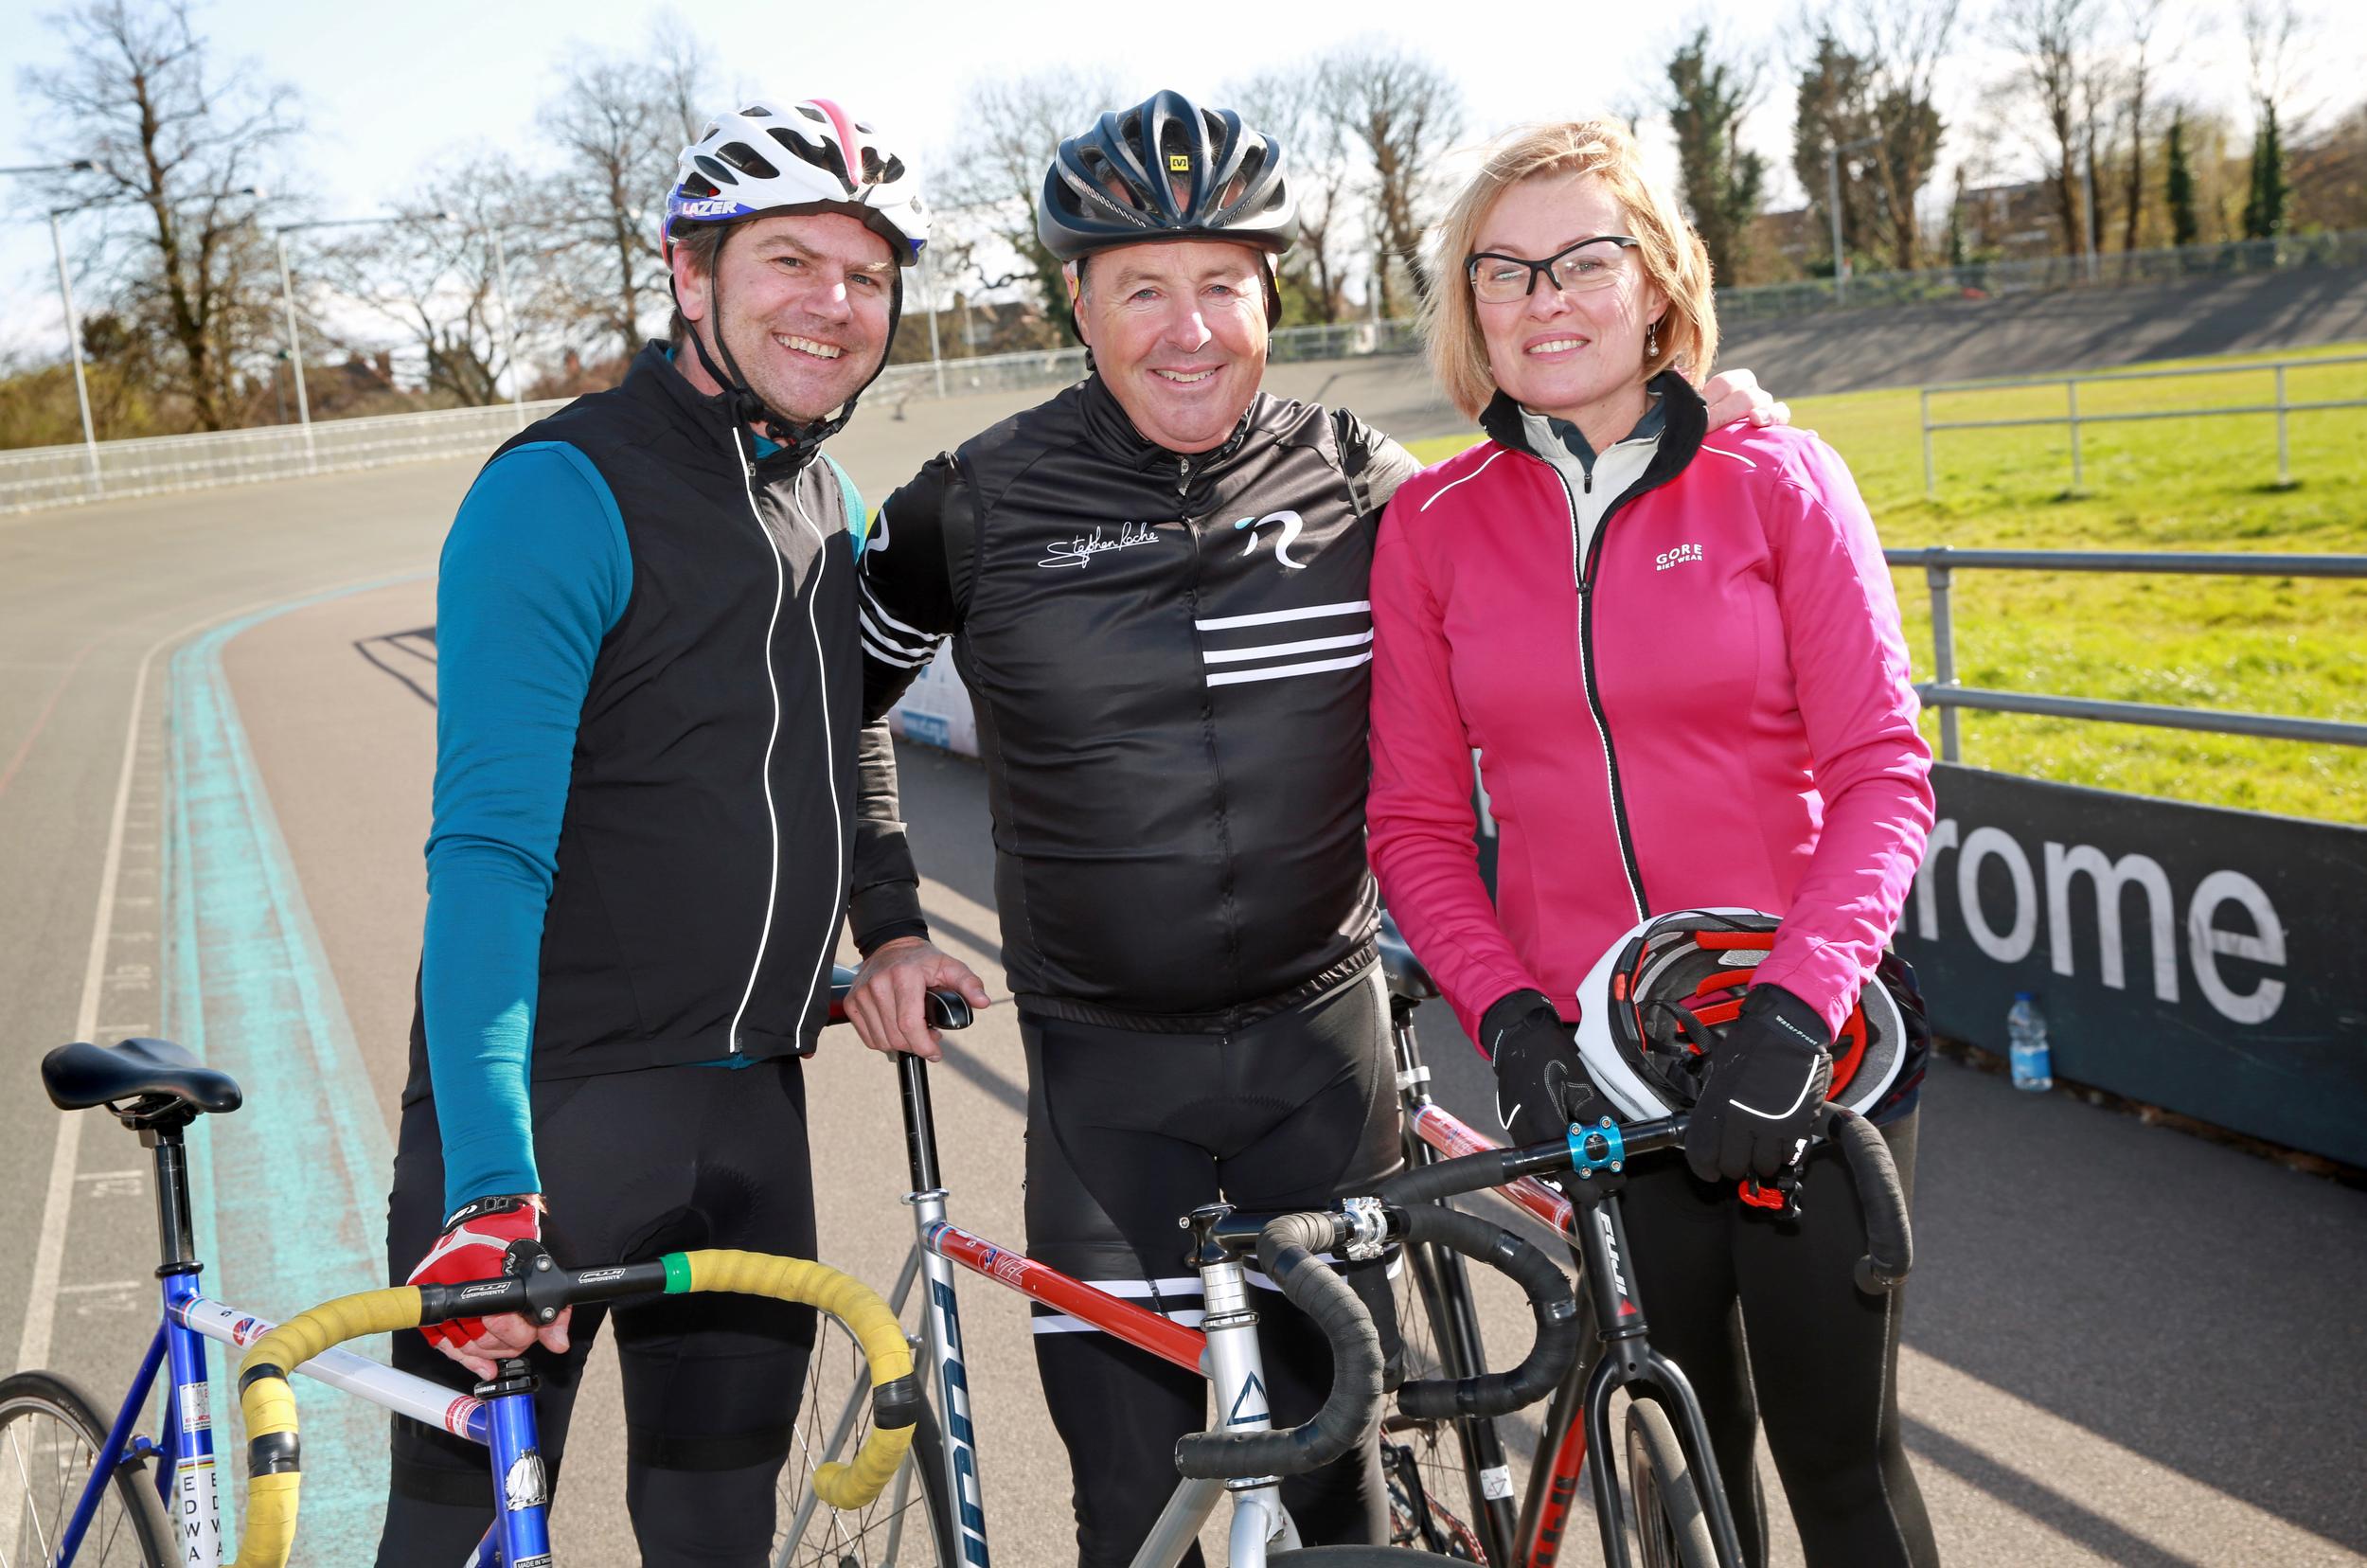 Stephen Roche in a Ride Velo sandwich!